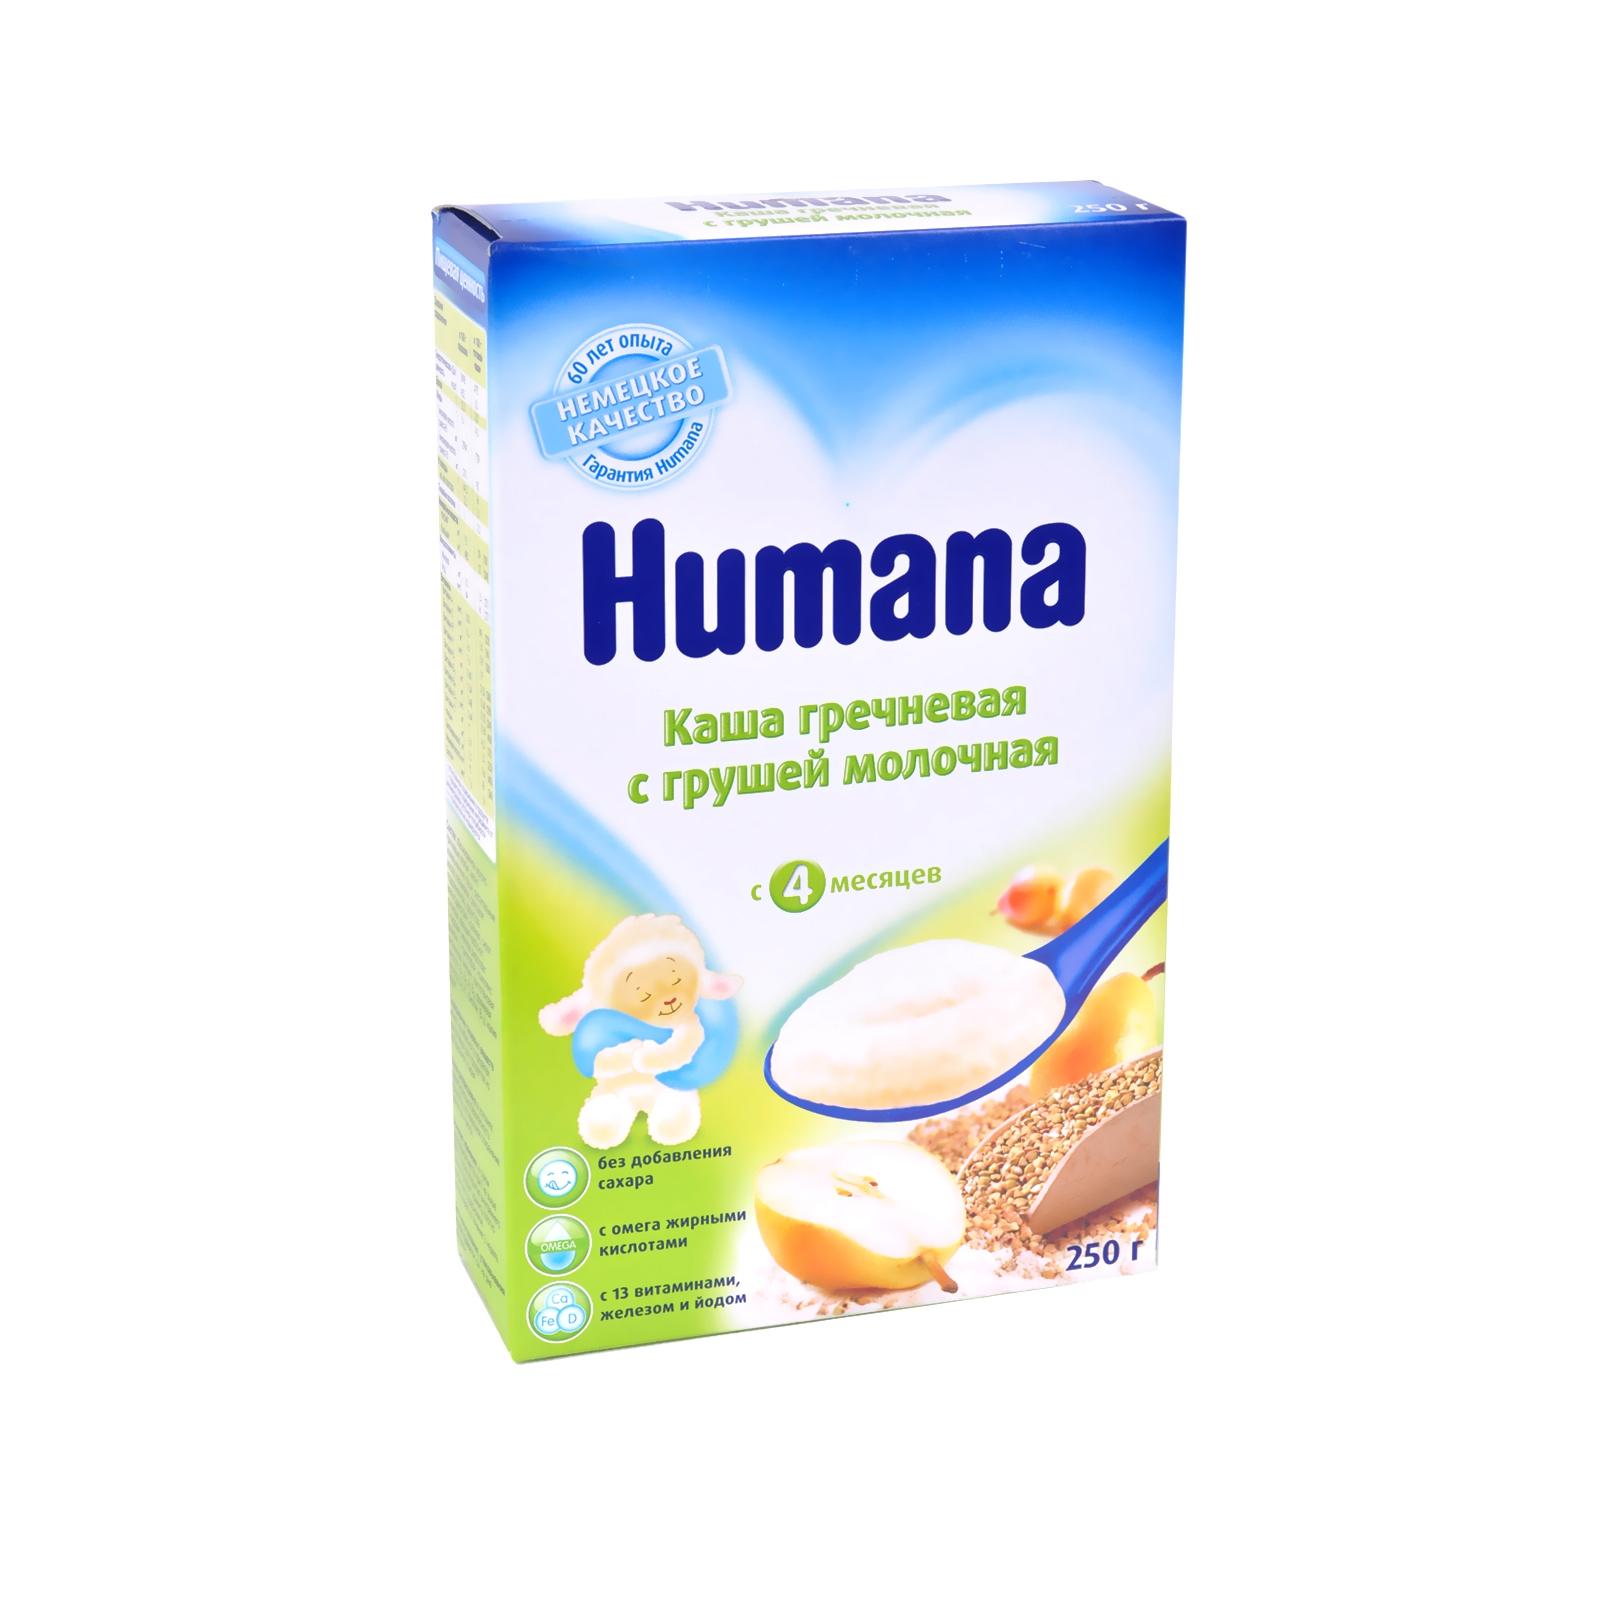 Каша Humana молочная 250 гр Гречневая с грушей (с 4 мес)<br>